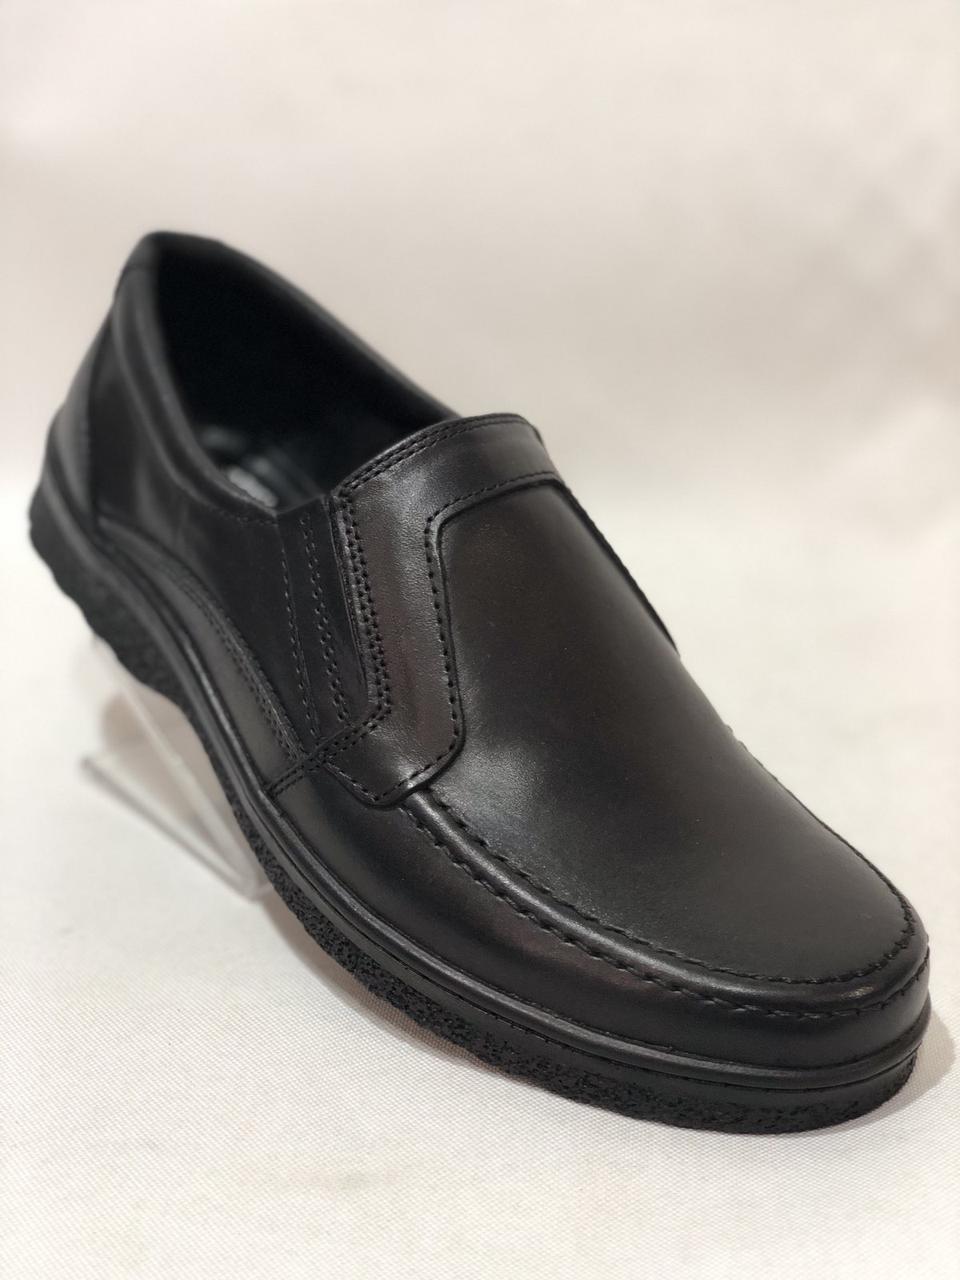 Мужские кожаные туфли BASTION (Бастион) Черные